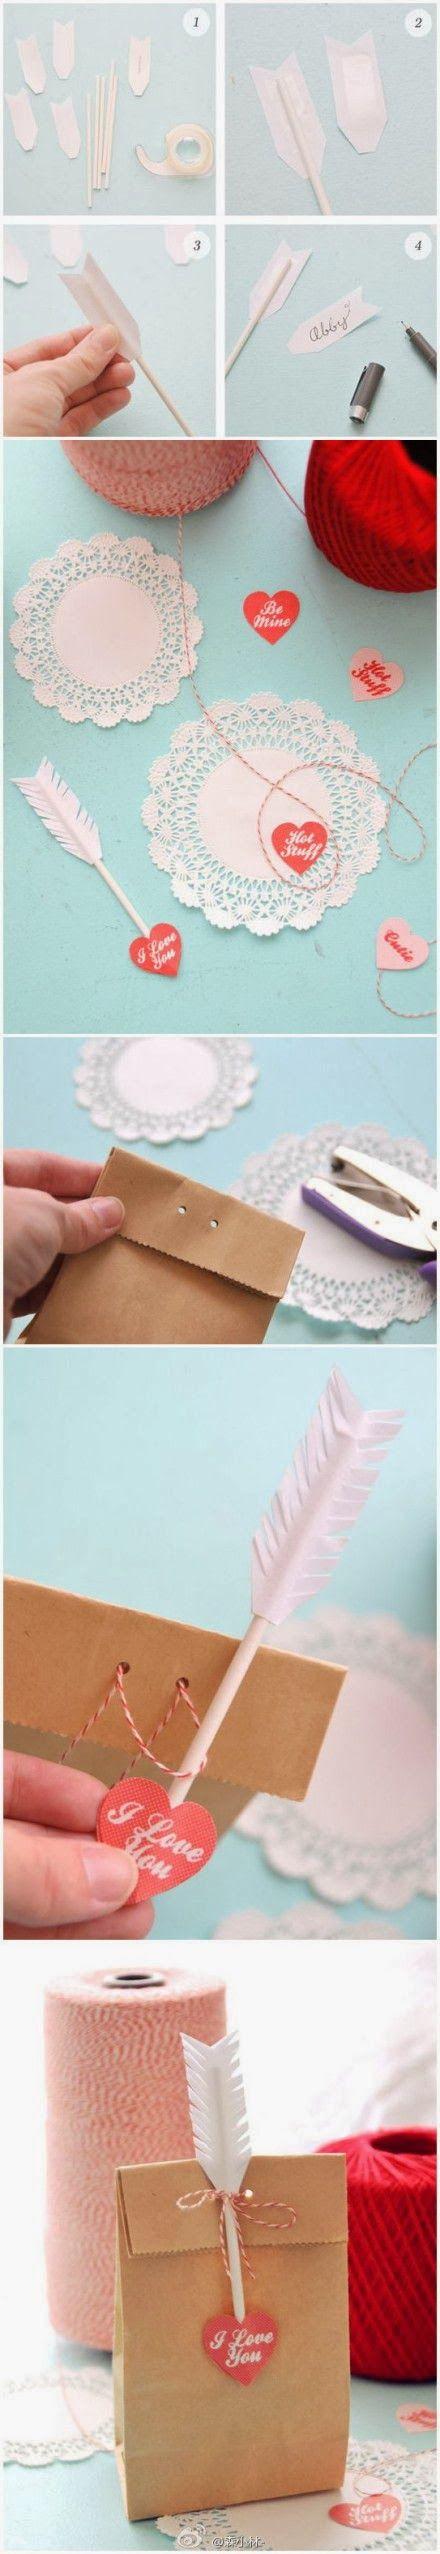 DIY : Small Love Packaging   DIY & Crafts Tutorials